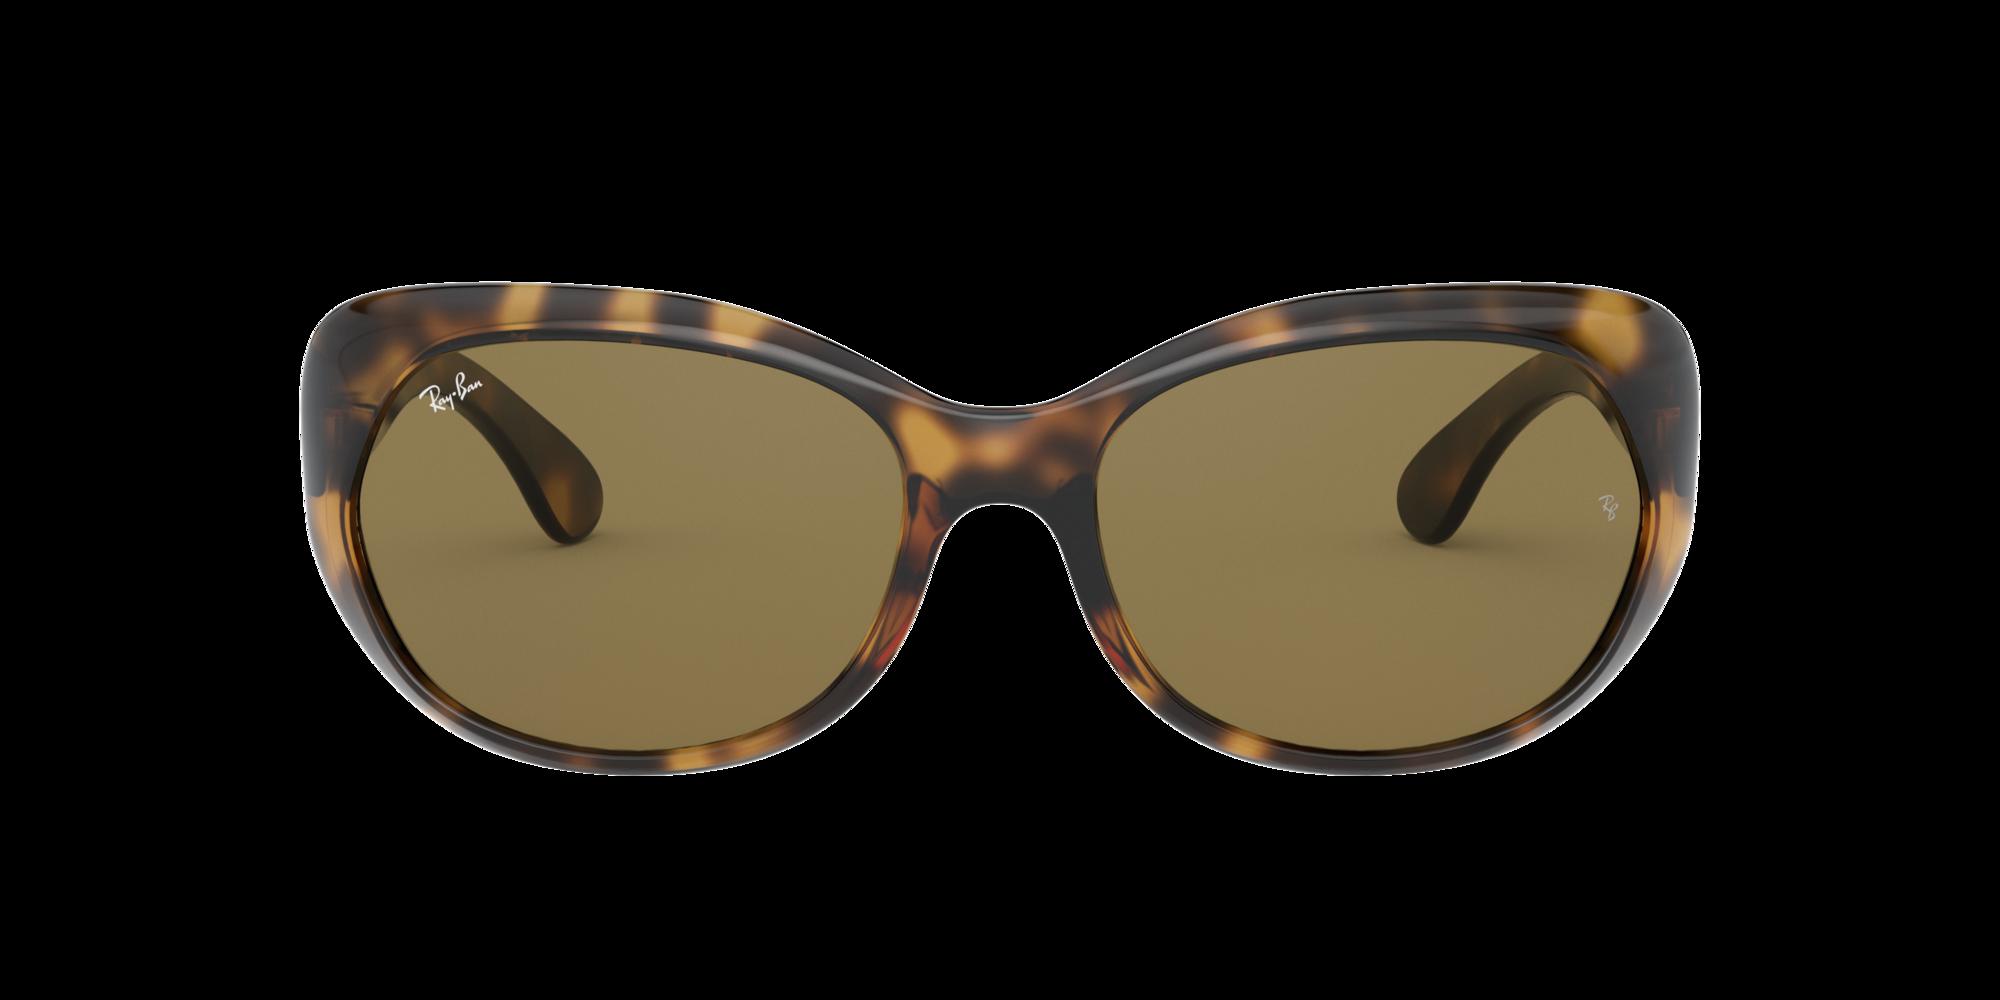 Imagen para RB4325 59 de LensCrafters |  Espejuelos, espejuelos graduados en línea, gafas